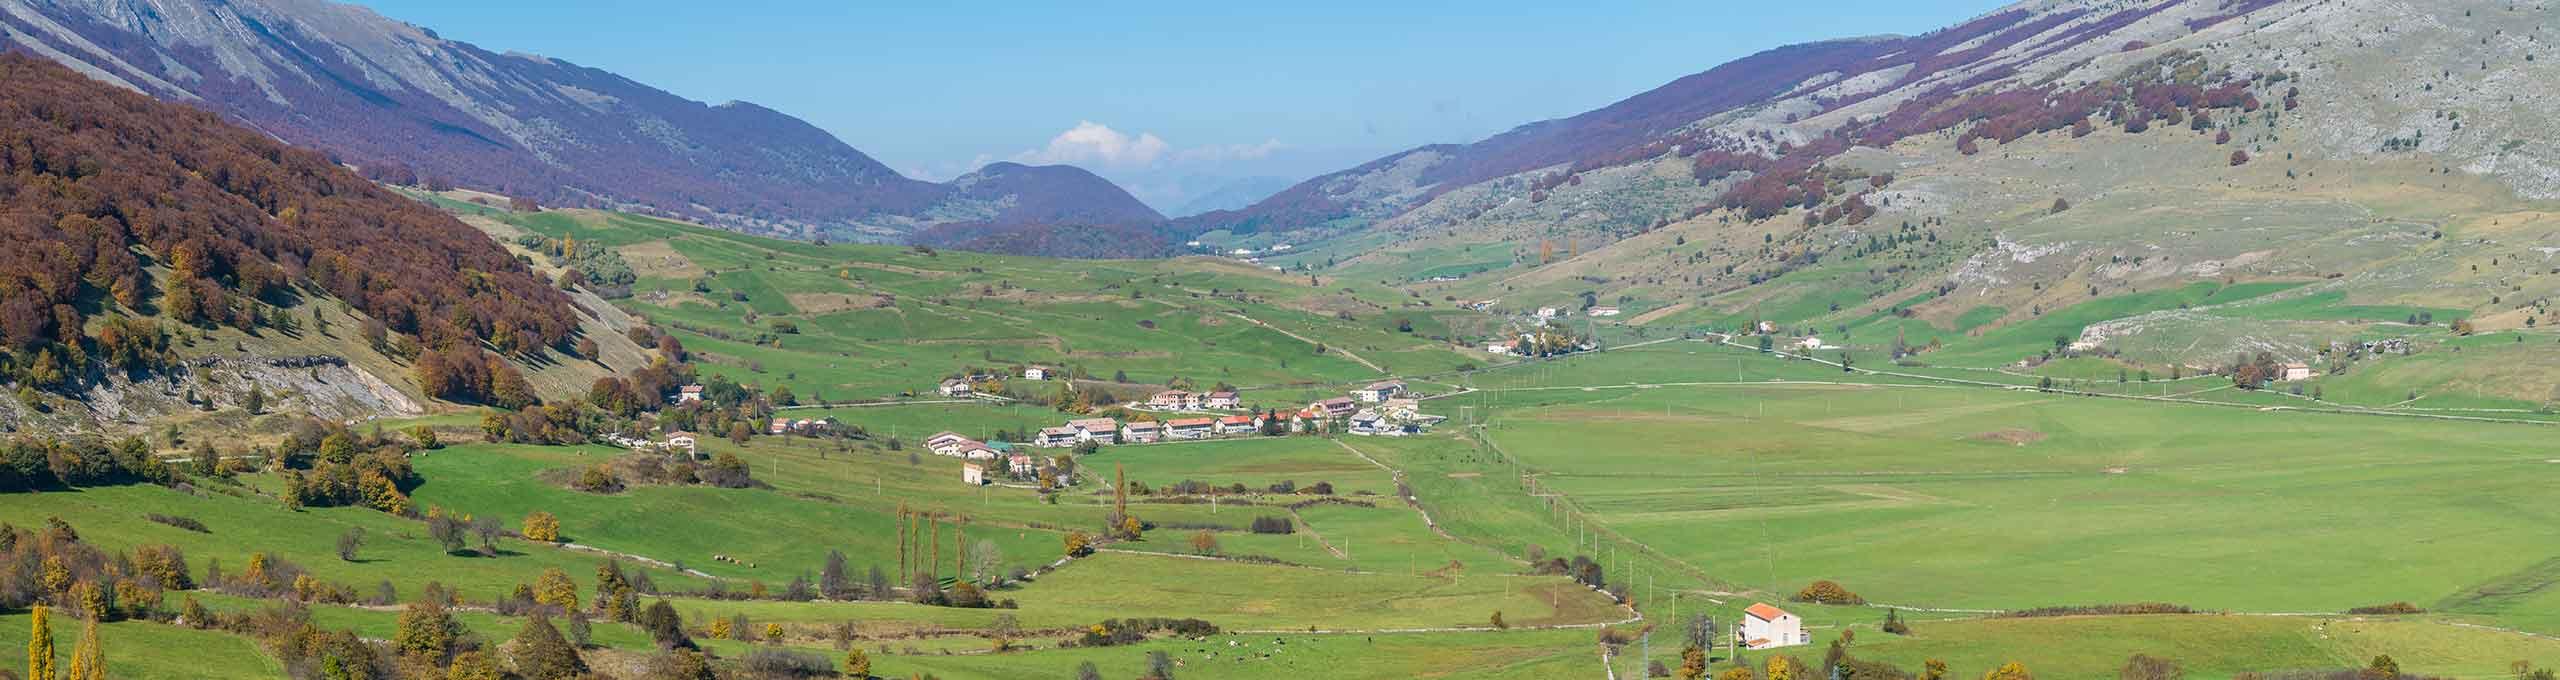 Pescocostanzo, Parco Nazionale della Majella